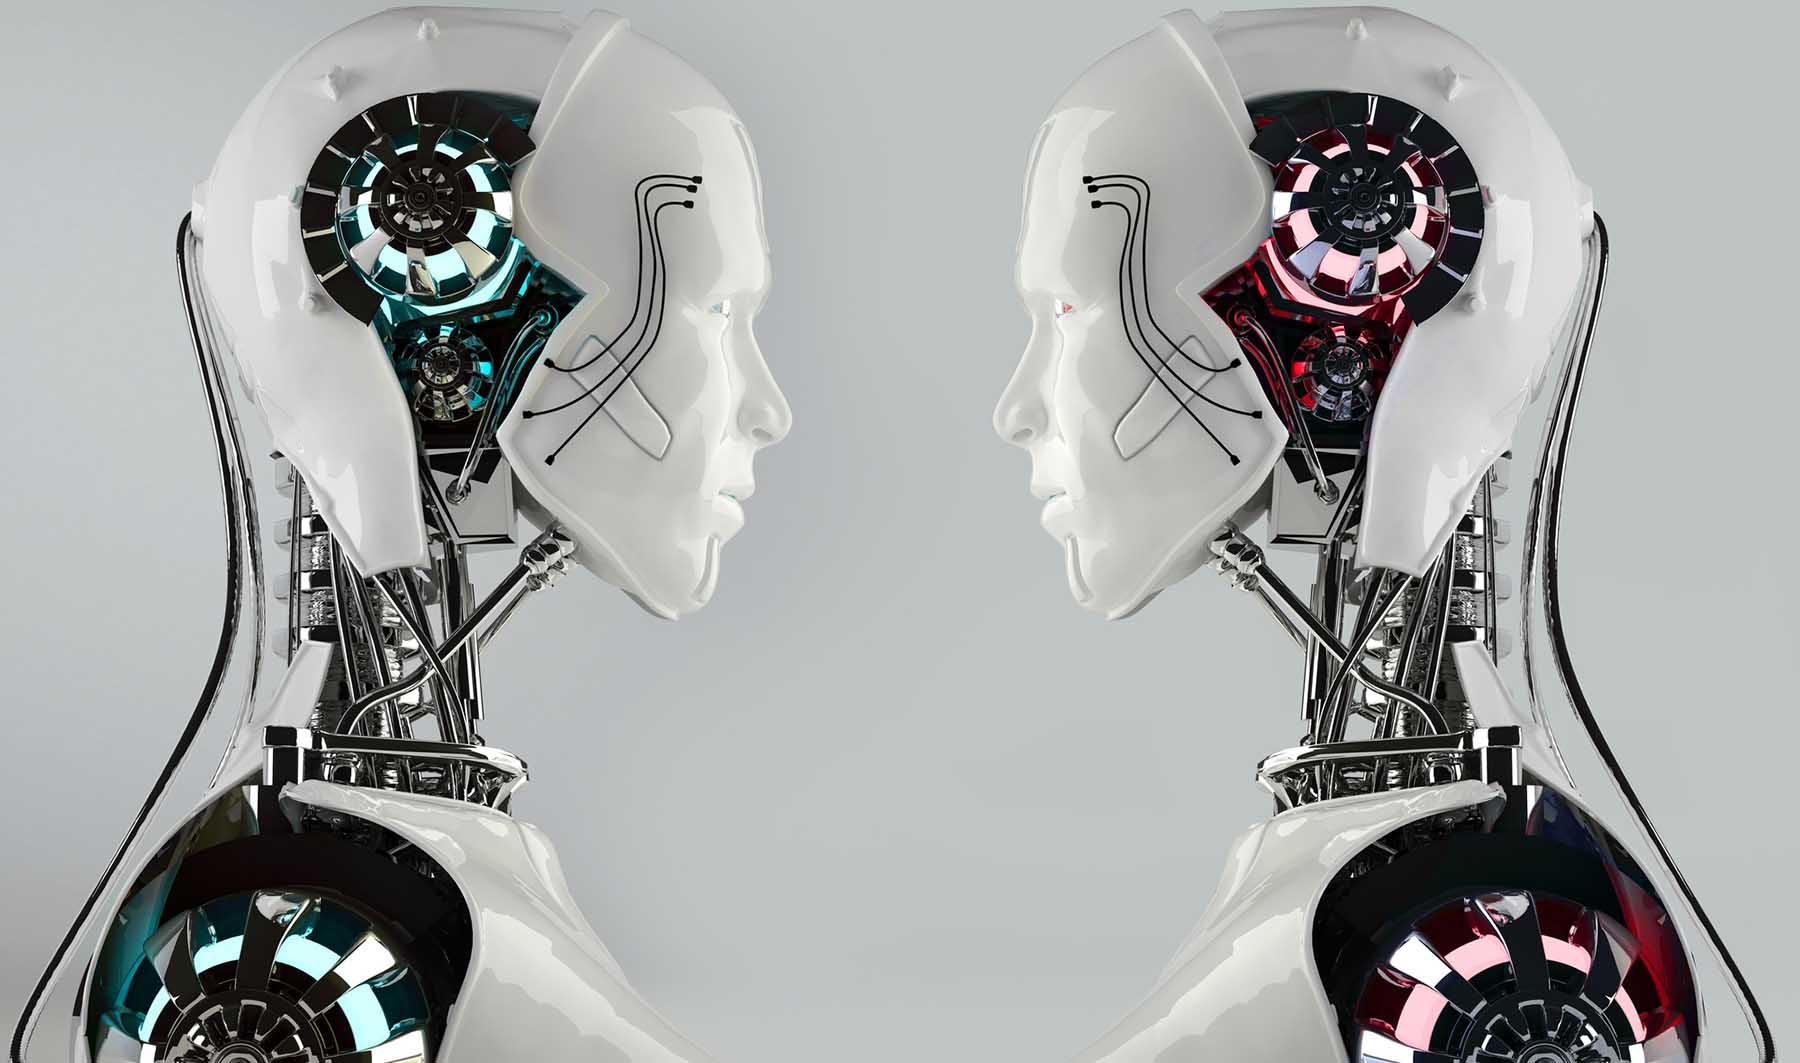 НАУЧНИЦИТЕ ПРЕДУПРЕДУВААТ: Роботите ја кројат судбината на светот